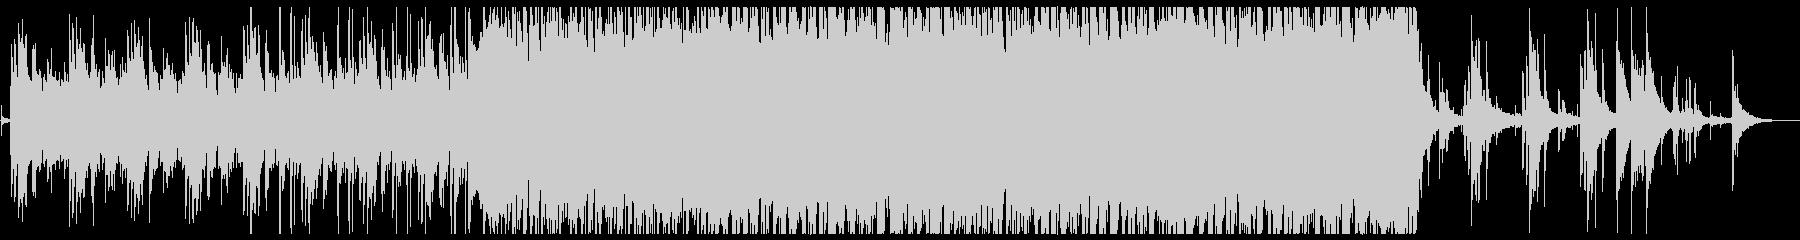 水をイメージしたピアノメインのインストの未再生の波形